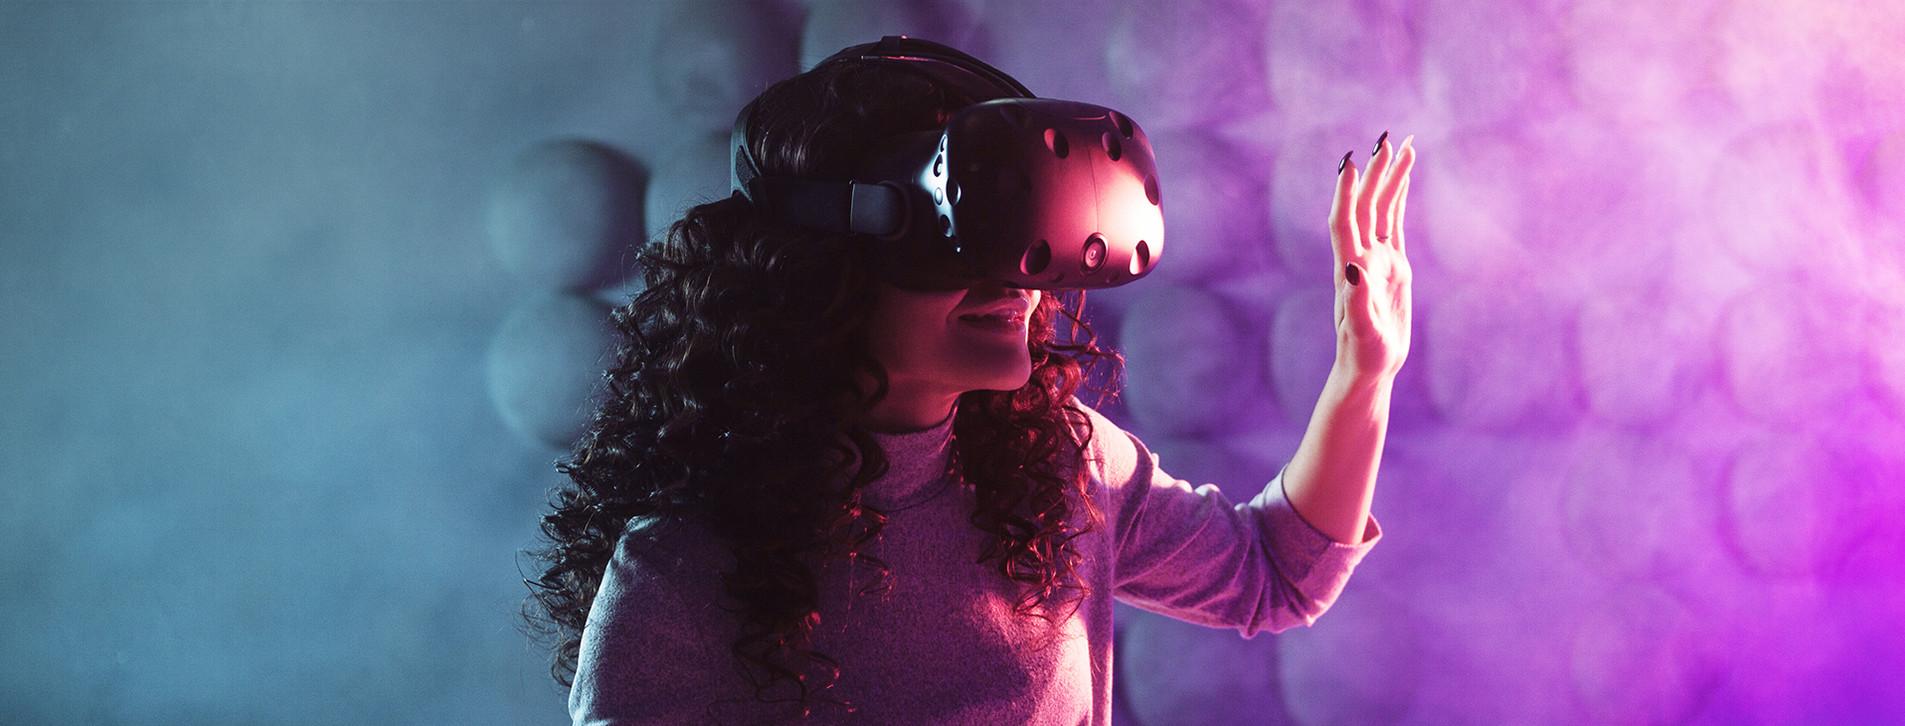 Фото - Театр виртуальной реальности для компании